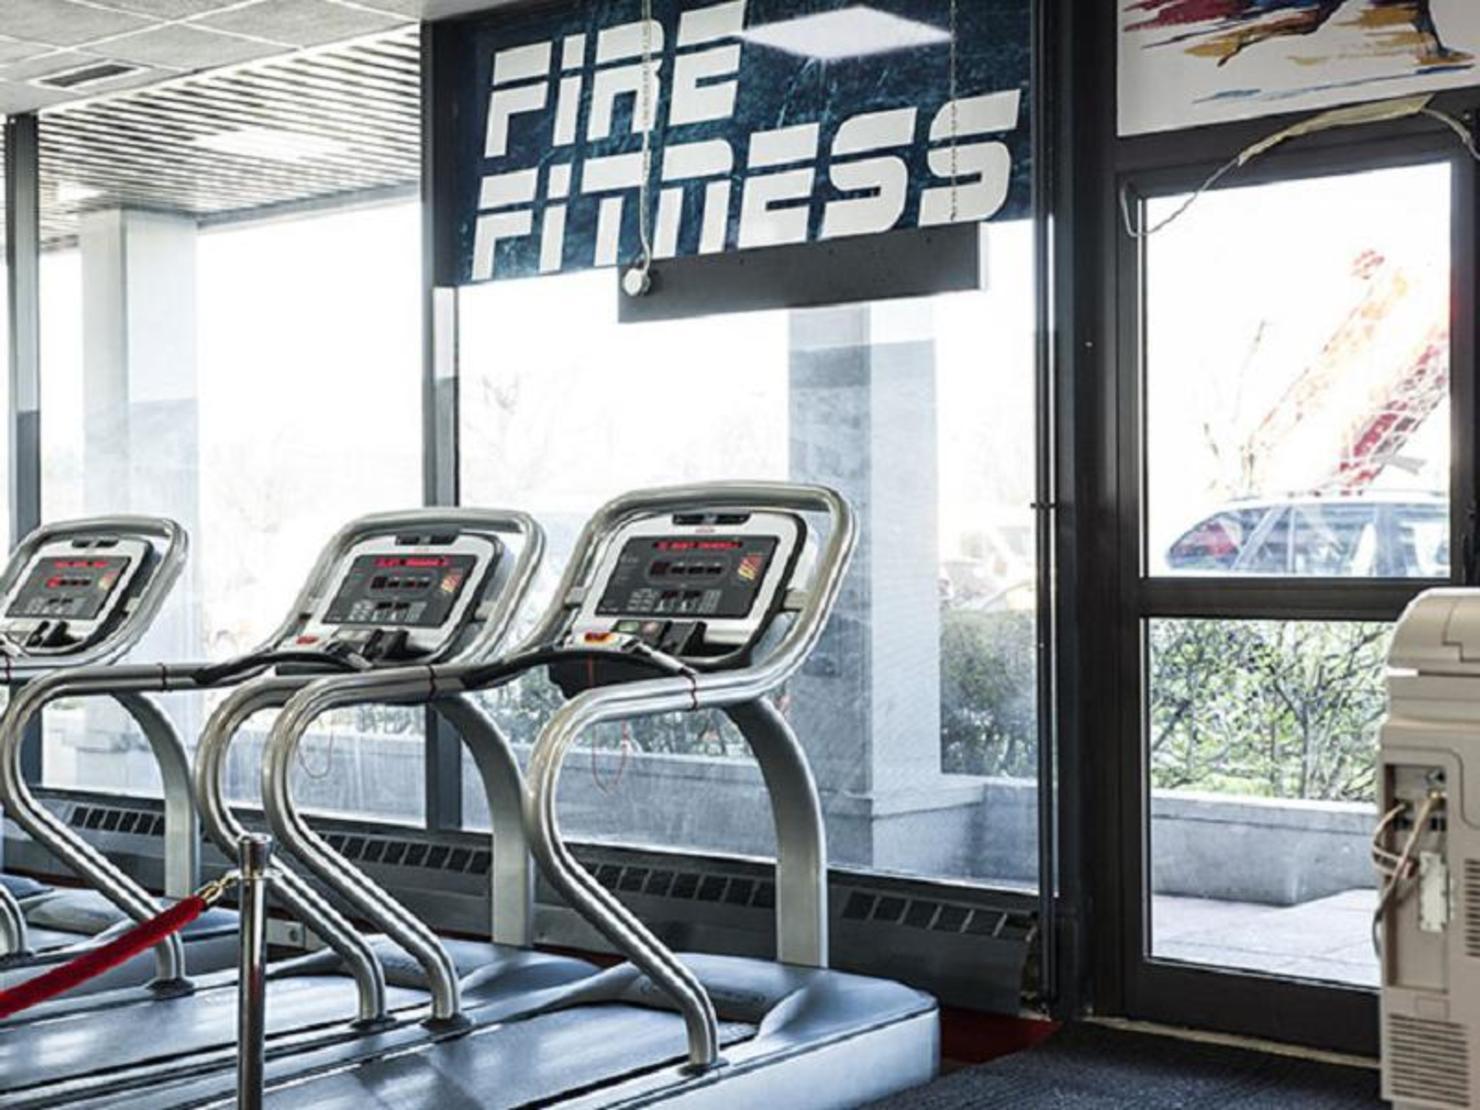 fire fitness rosny sous bois tarifs avis horaires essai gratuit. Black Bedroom Furniture Sets. Home Design Ideas